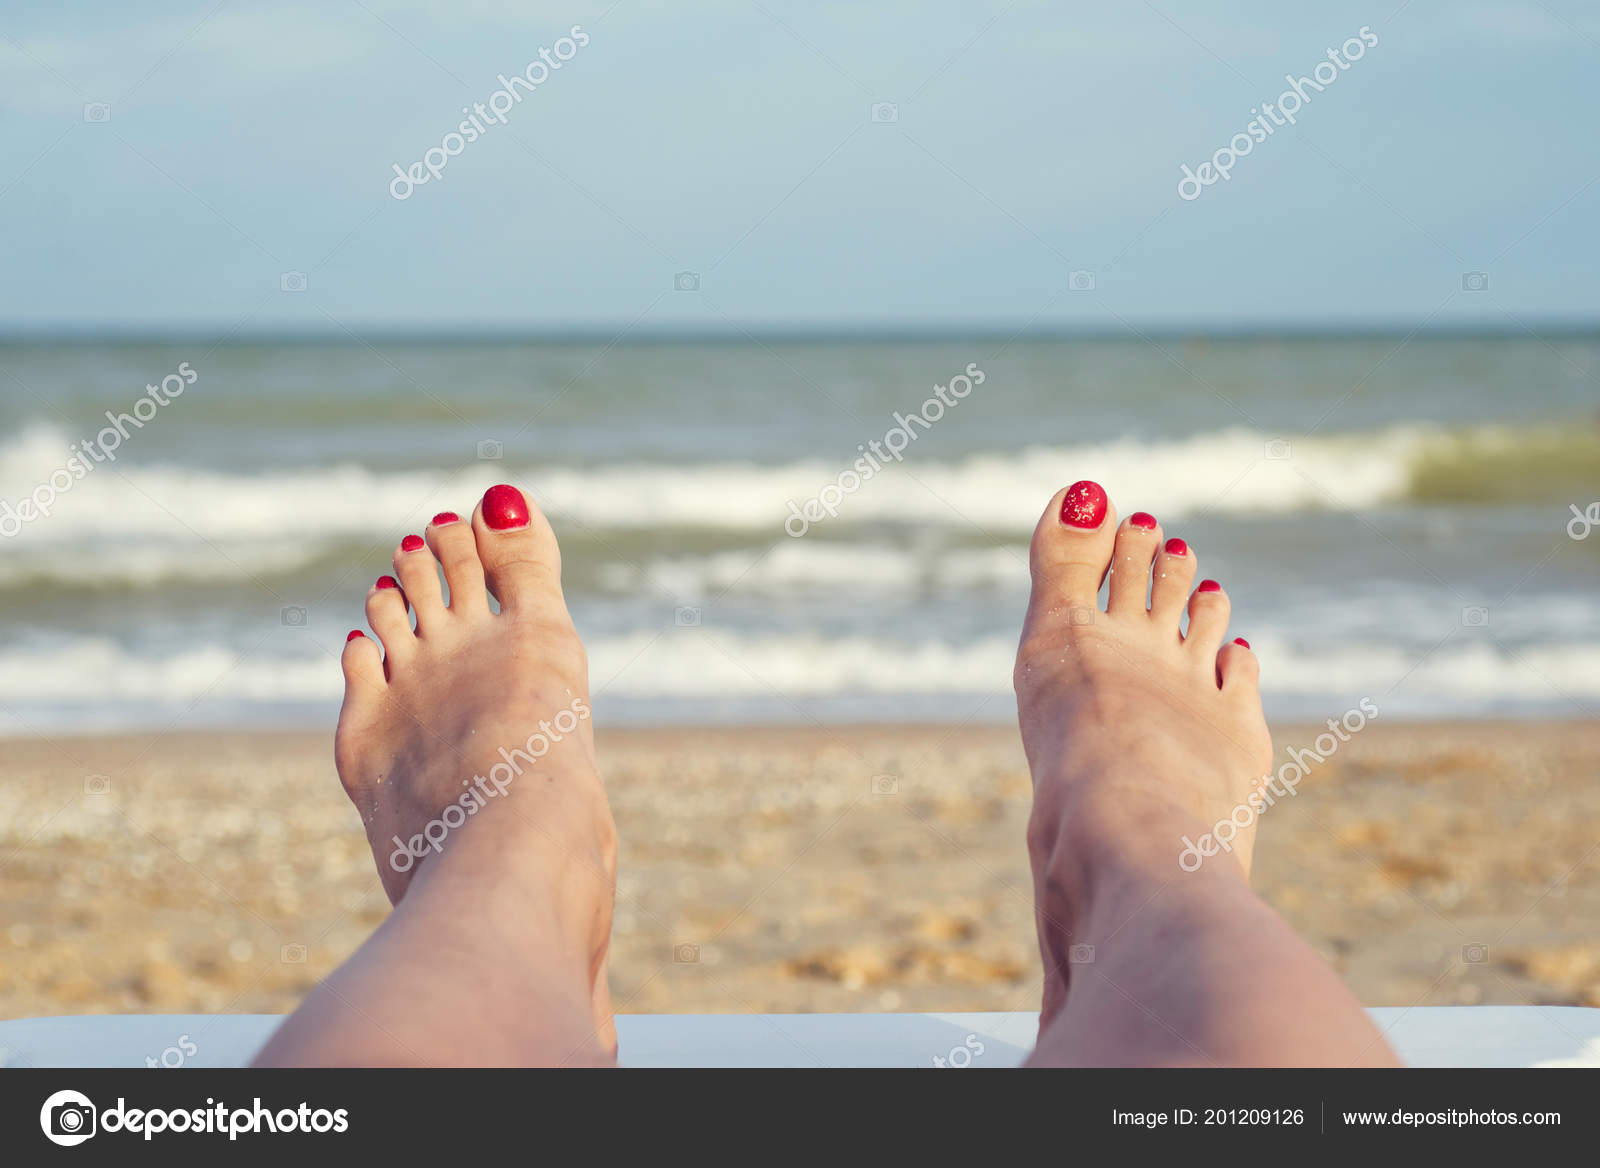 Image result for женские ноги на фоне океана